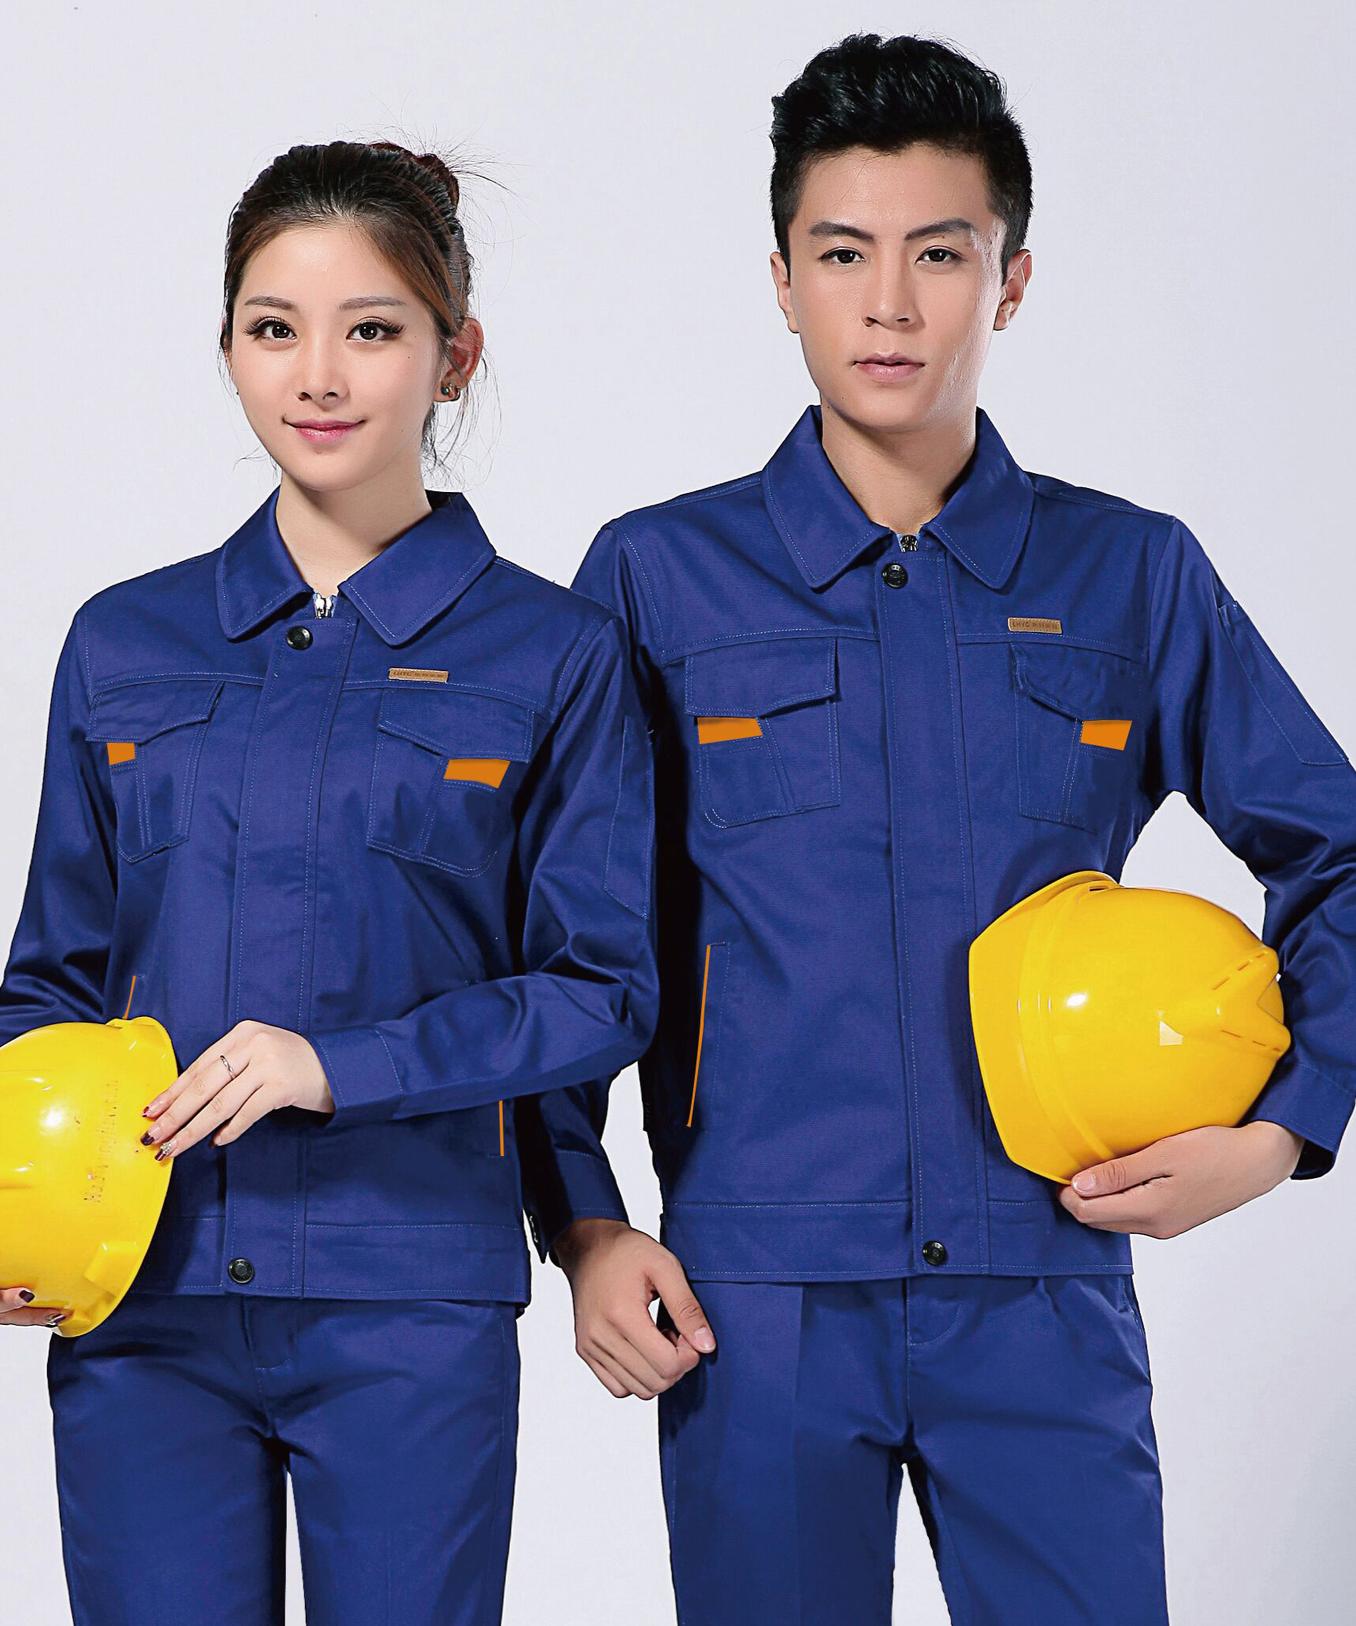 2020新款防静电春秋工作服劳保服套装-乐好英超-057A